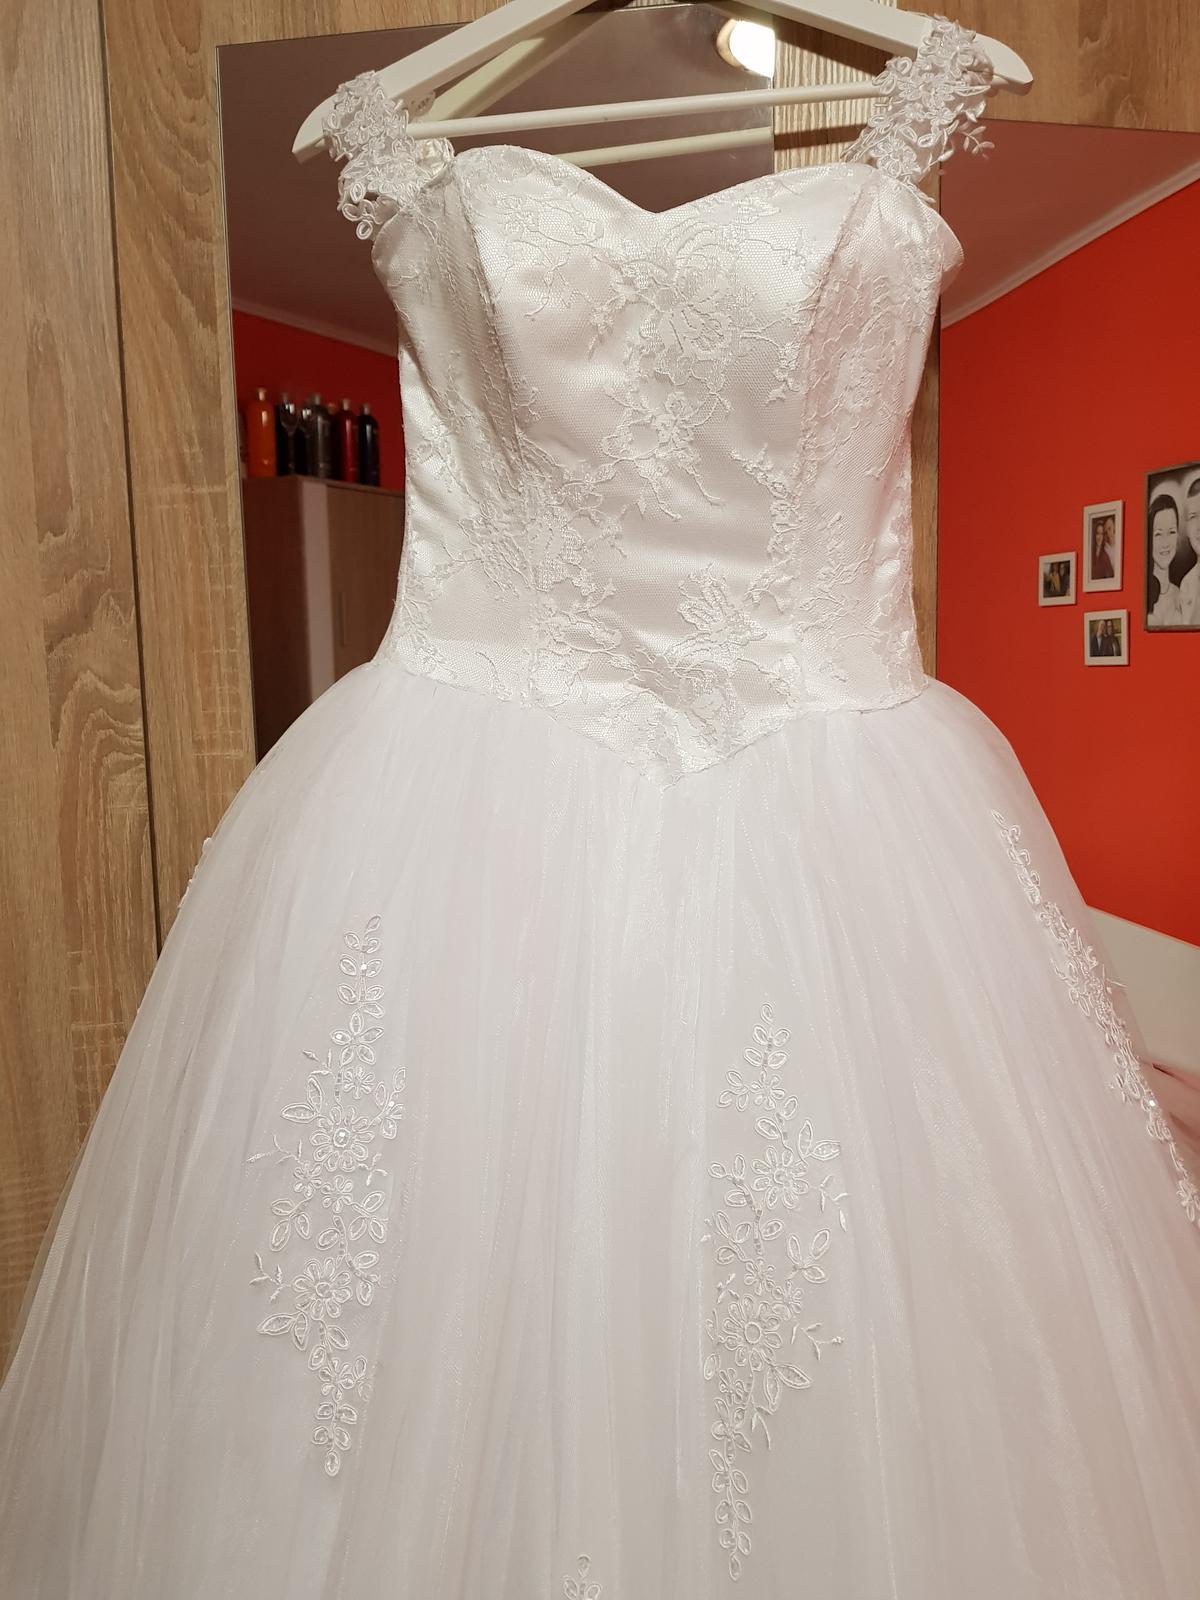 Svadobné šaty XS-S - Obrázok č. 1